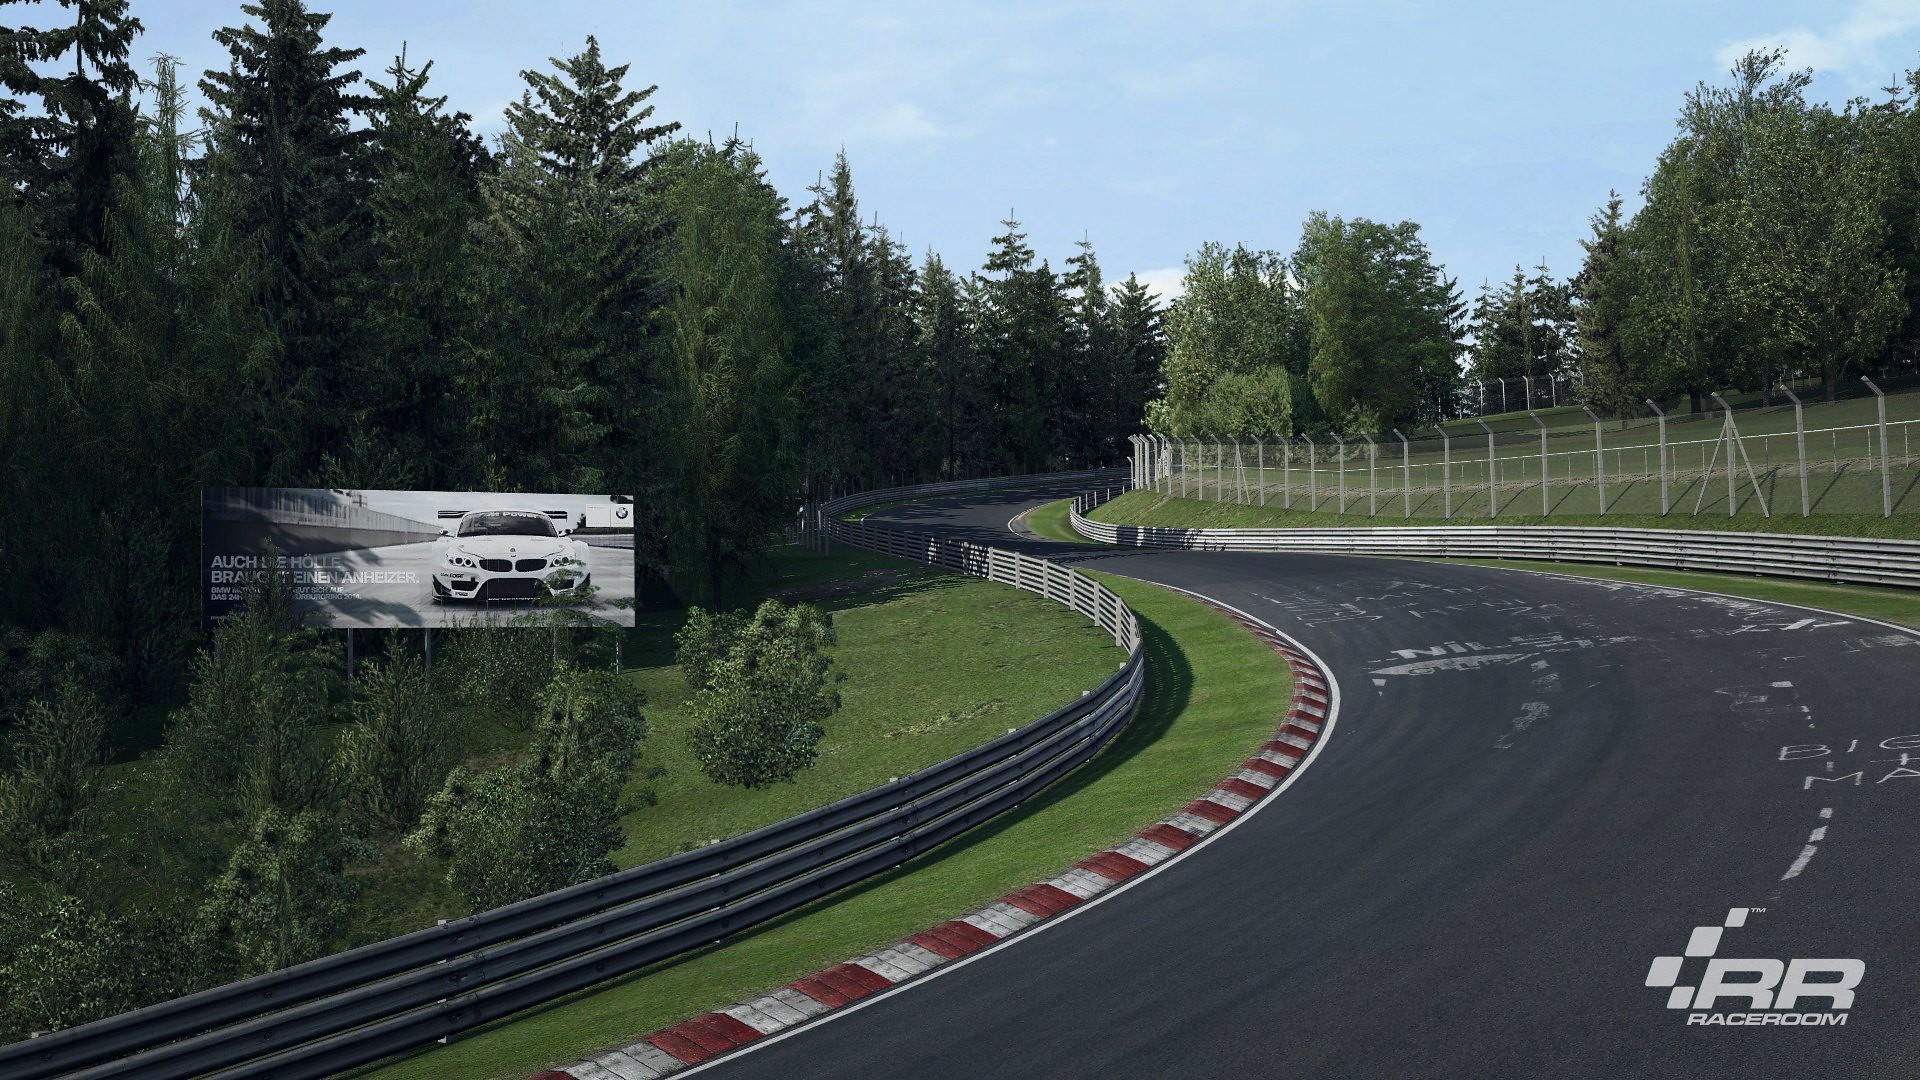 RaceRoom Racing Experience - Nurburgring Nordschleife